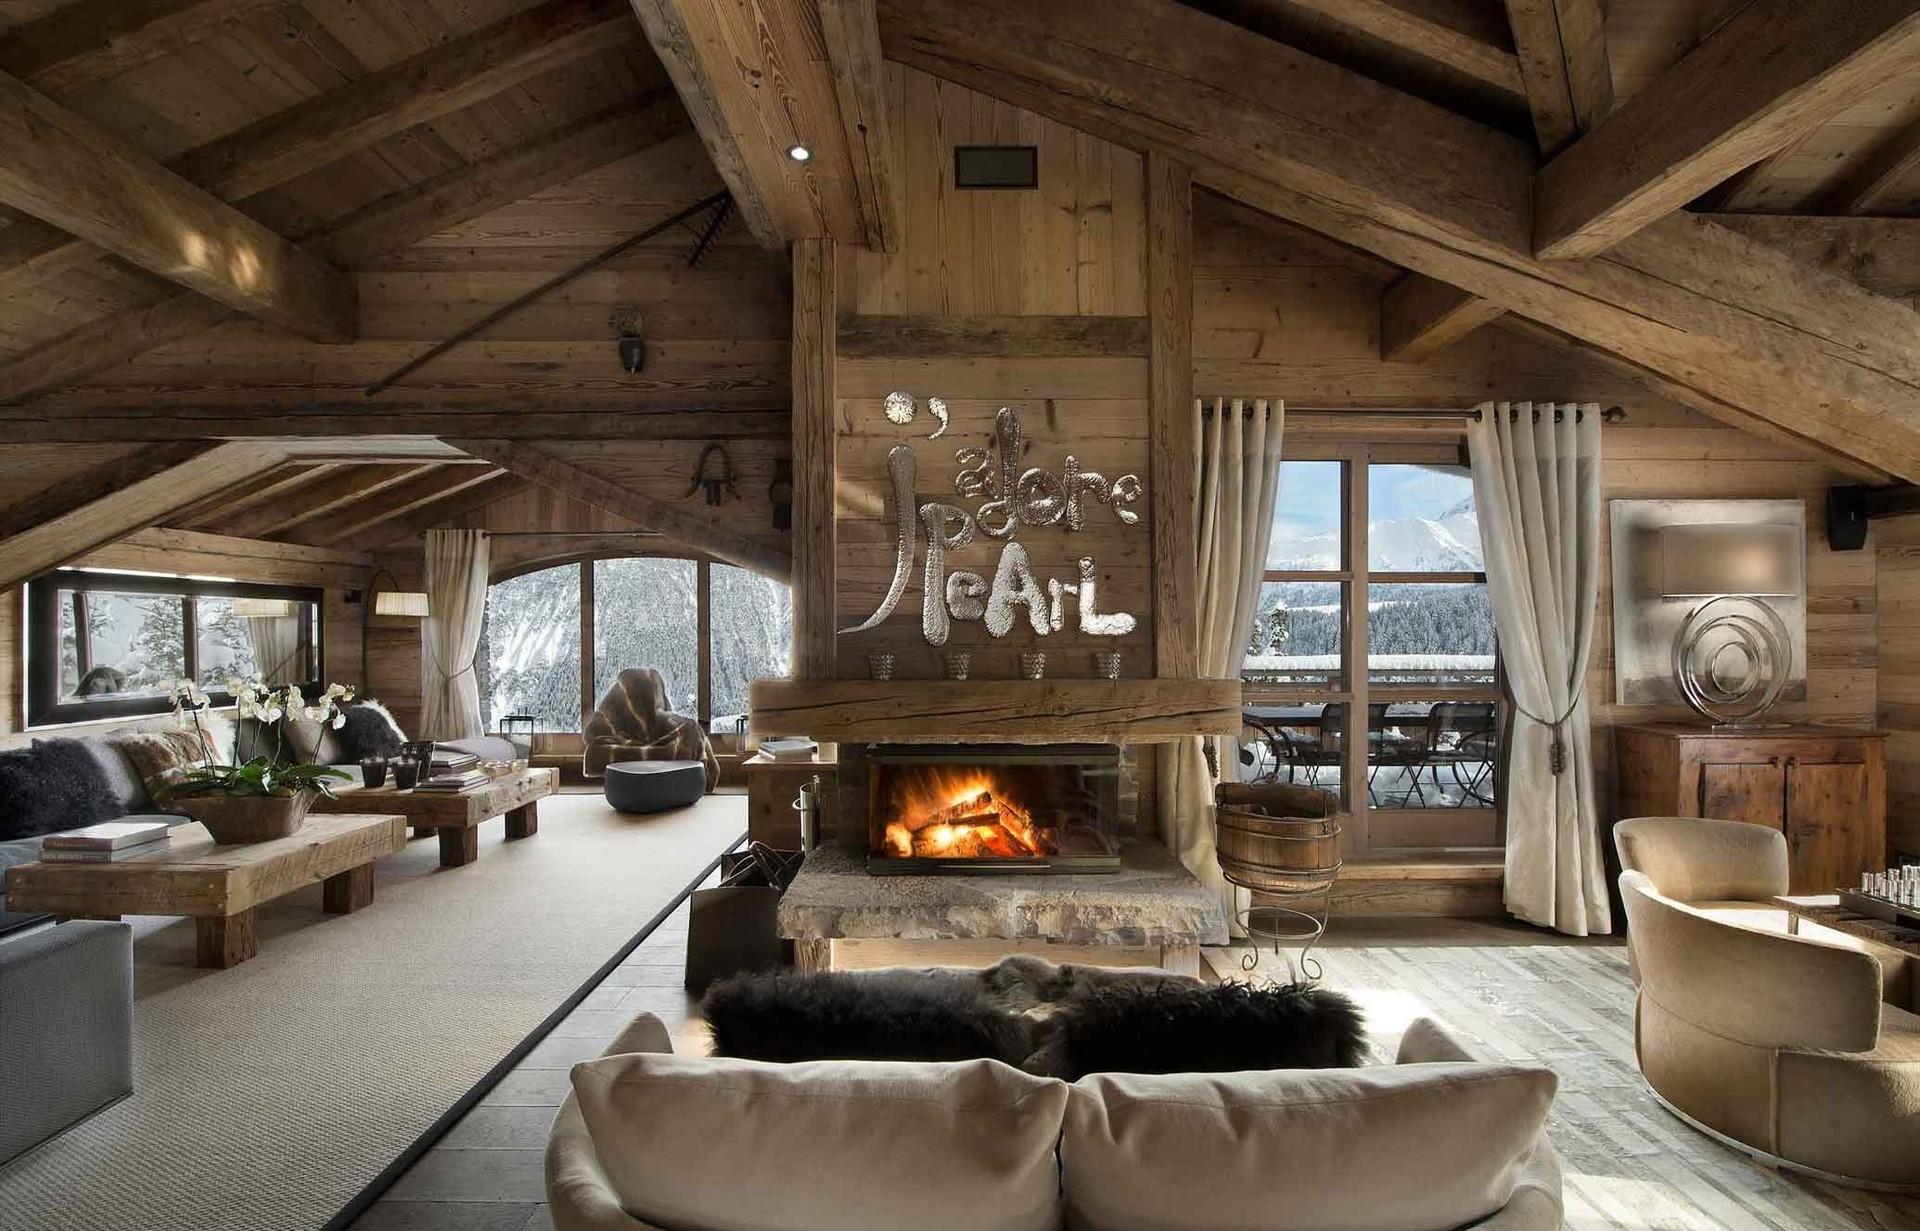 Гостиная с камином и деревянной мебелью в стиле шале